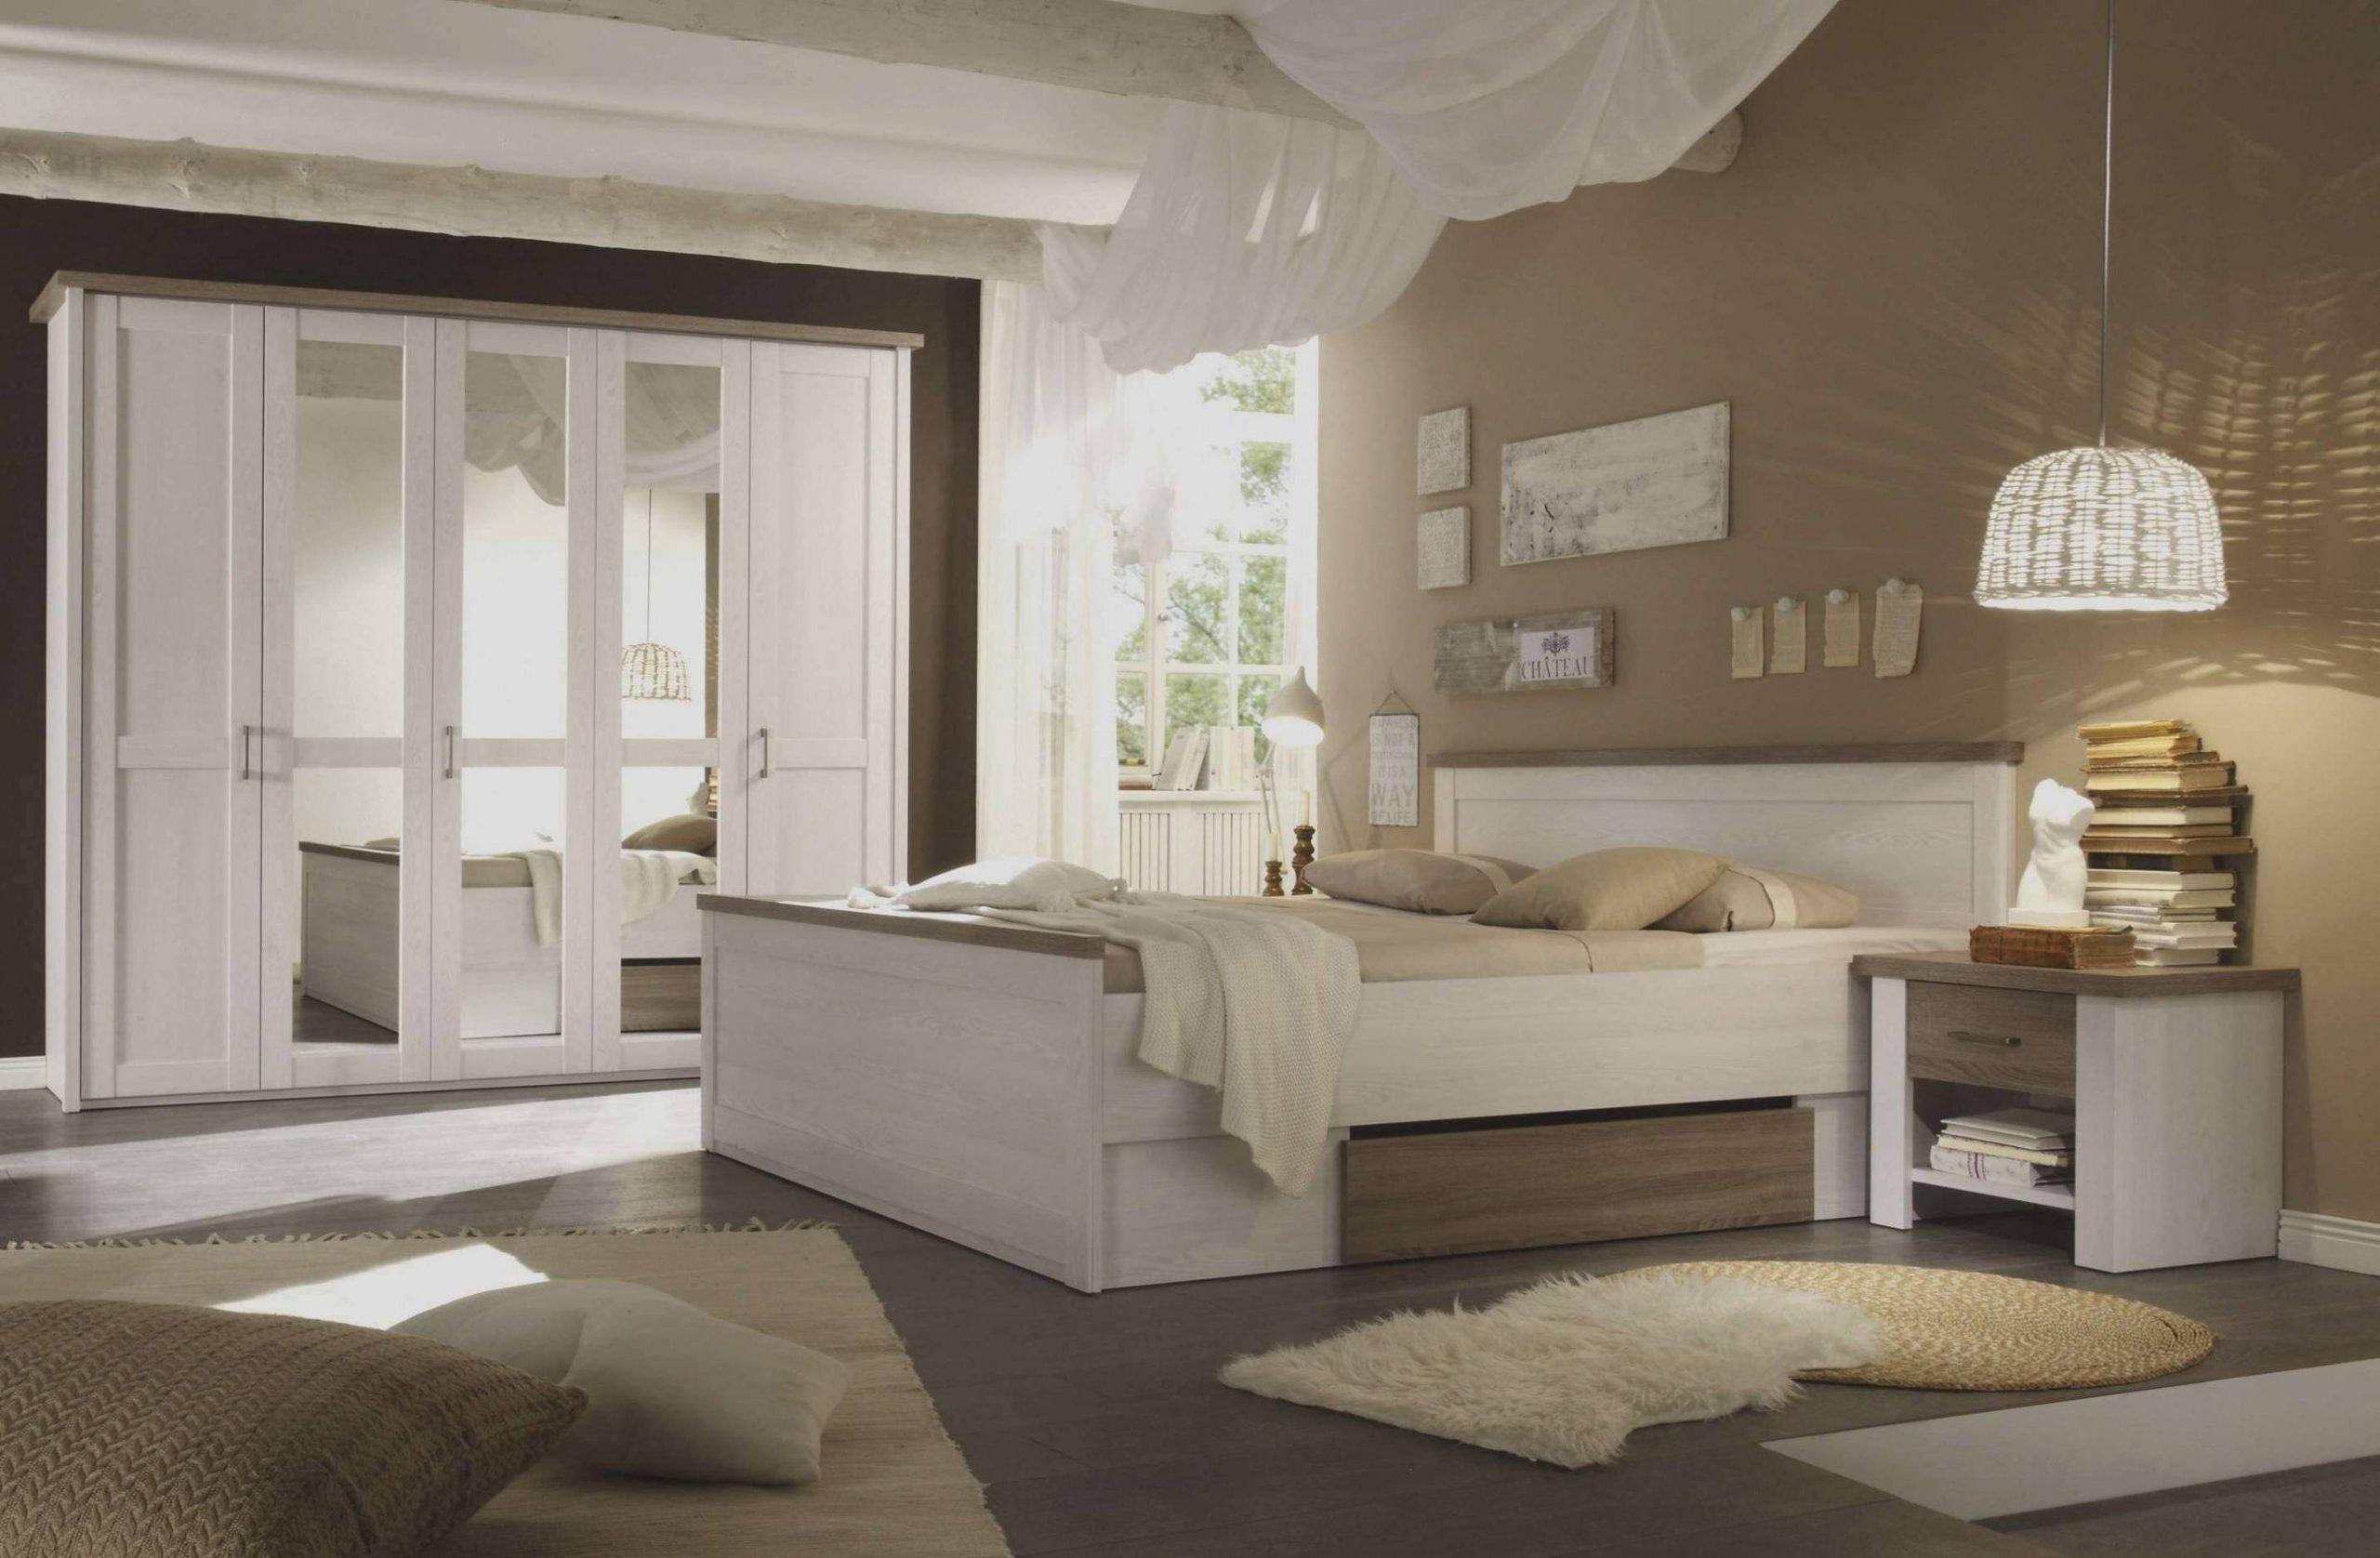 Full Size of Vorhänge Wohnzimmer Genial Neu Wohnzimmer Ideen Vorhänge Konzept Wohnzimmer Wohnzimmer Vorhänge